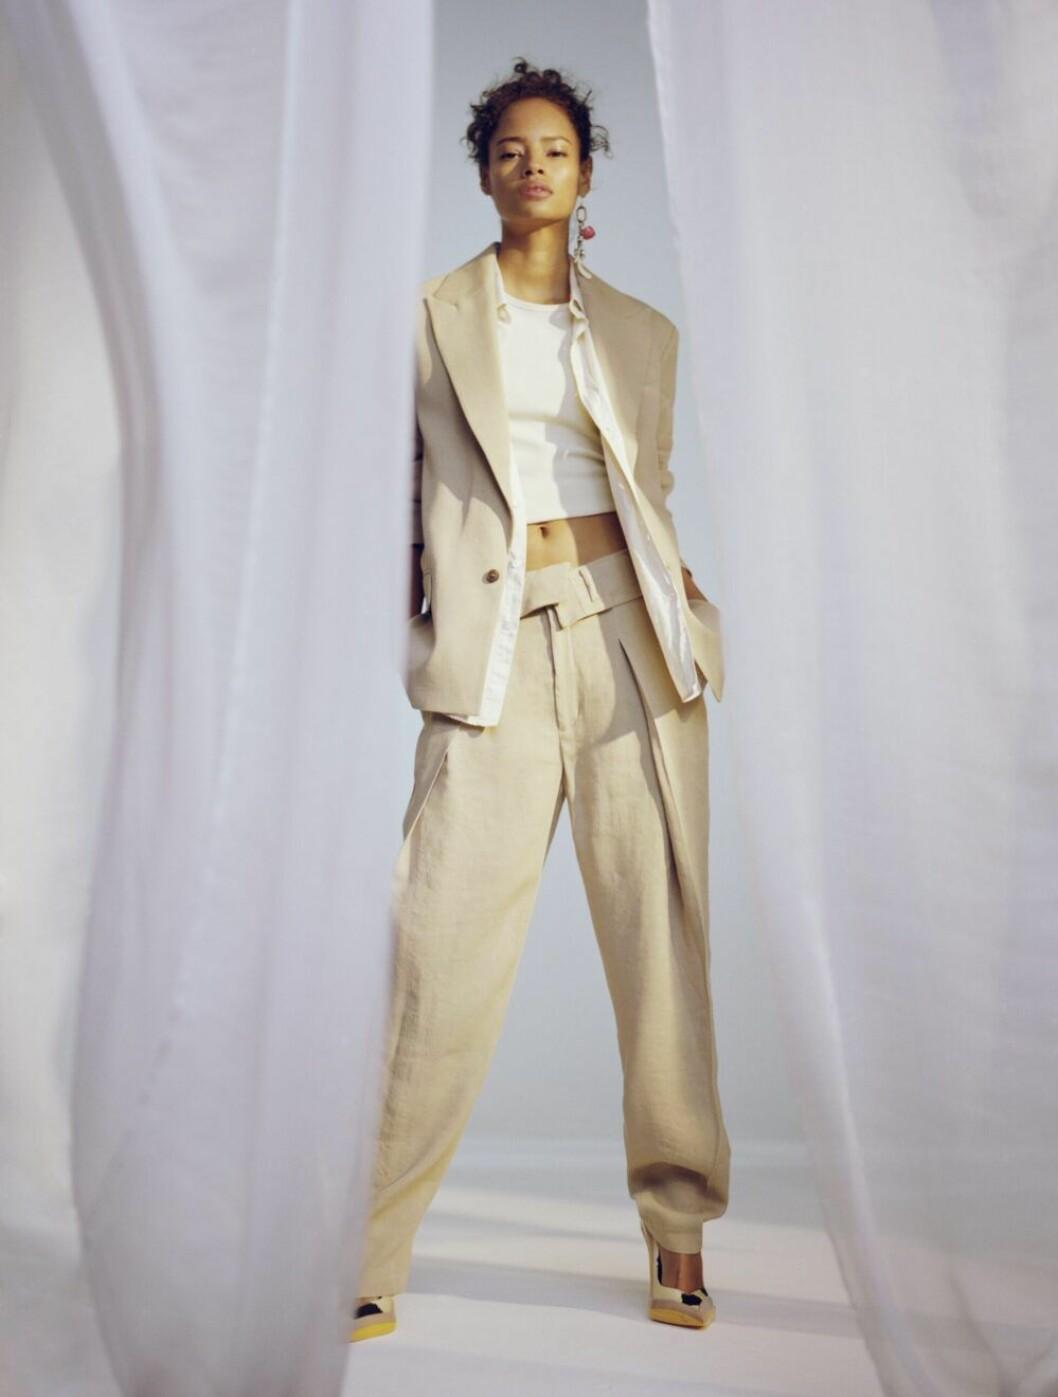 Kostym i ljusbeige från H&M